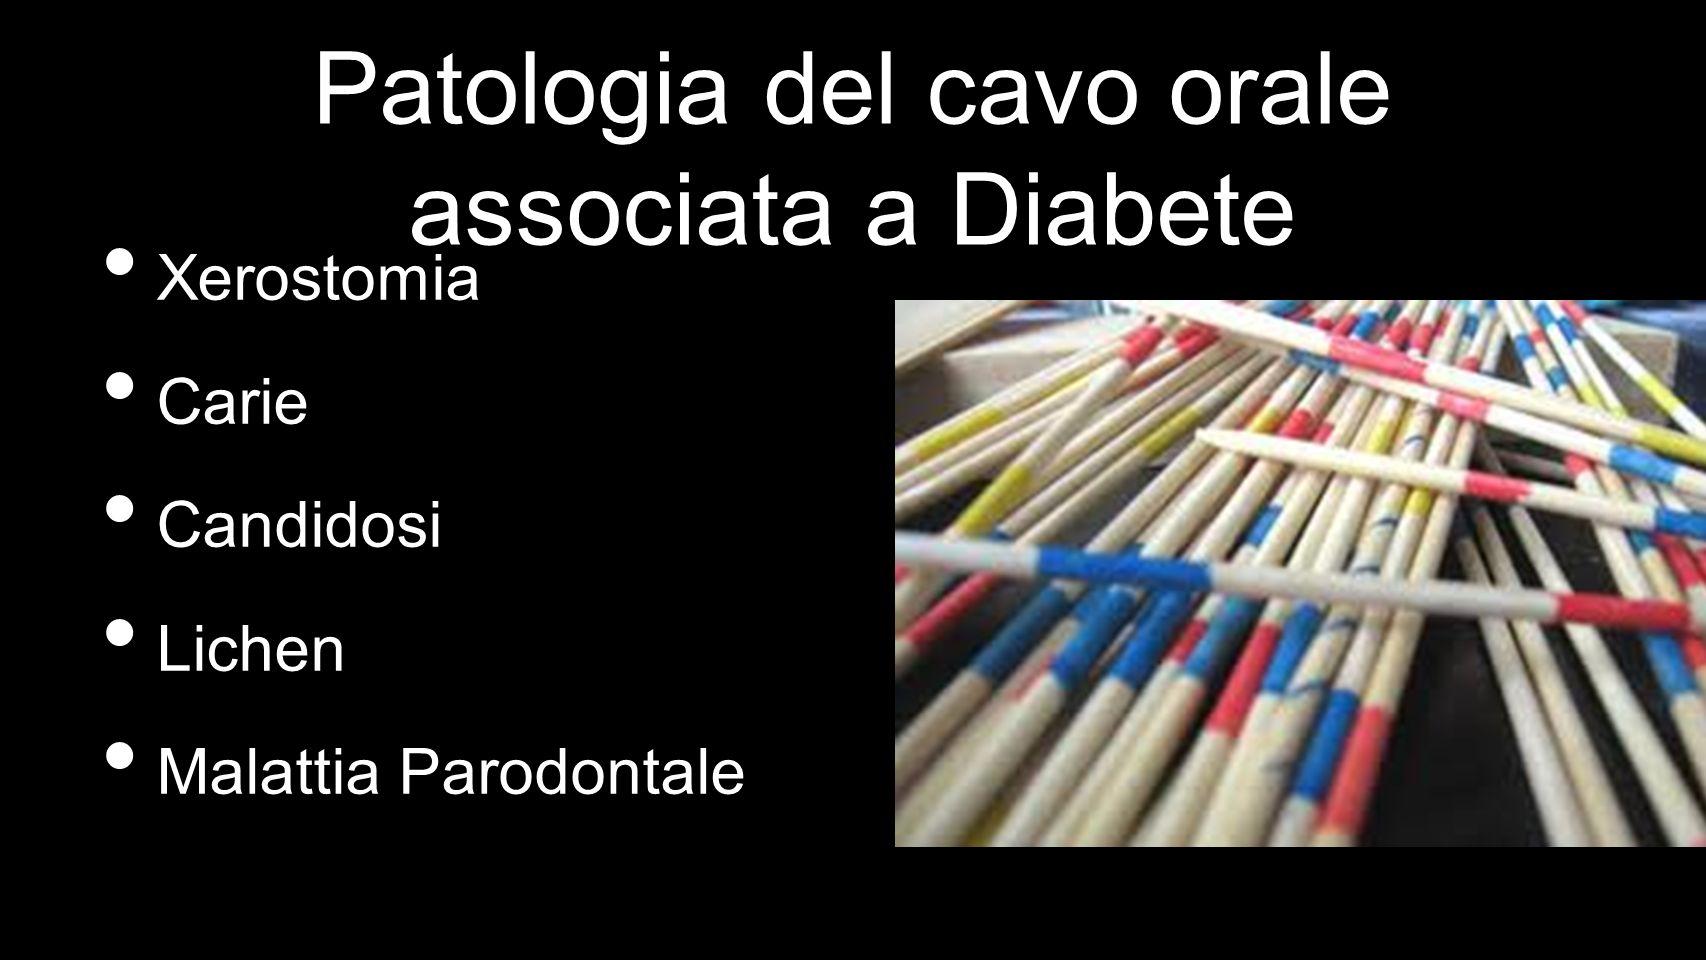 Xerostomia Carie Candidosi Lichen Malattia Parodontale Patologia del cavo orale associata a Diabete